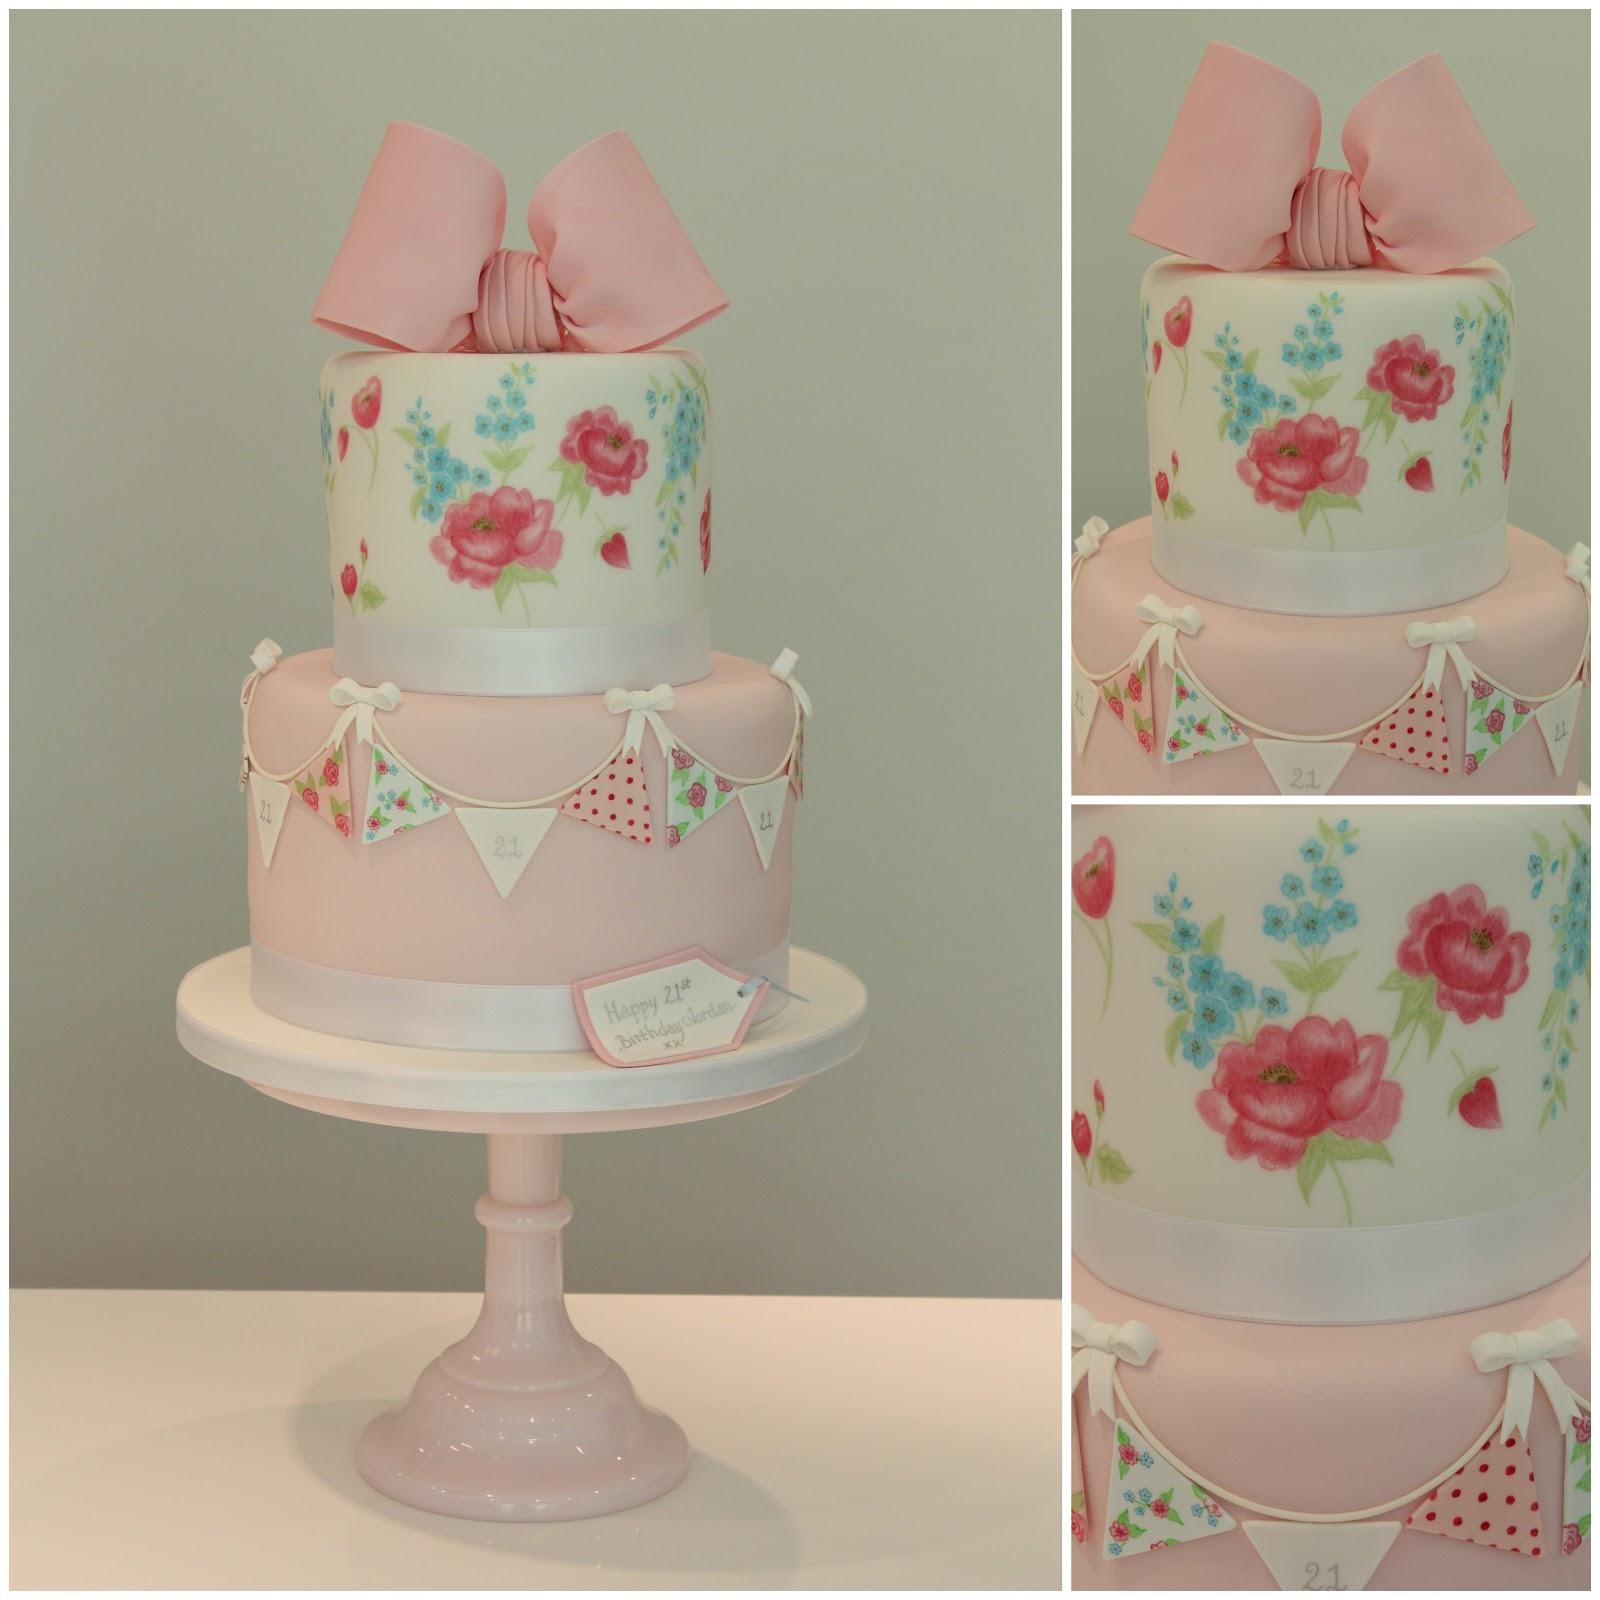 Tiers Tiaras Cath Kidston Birthday Cake 2